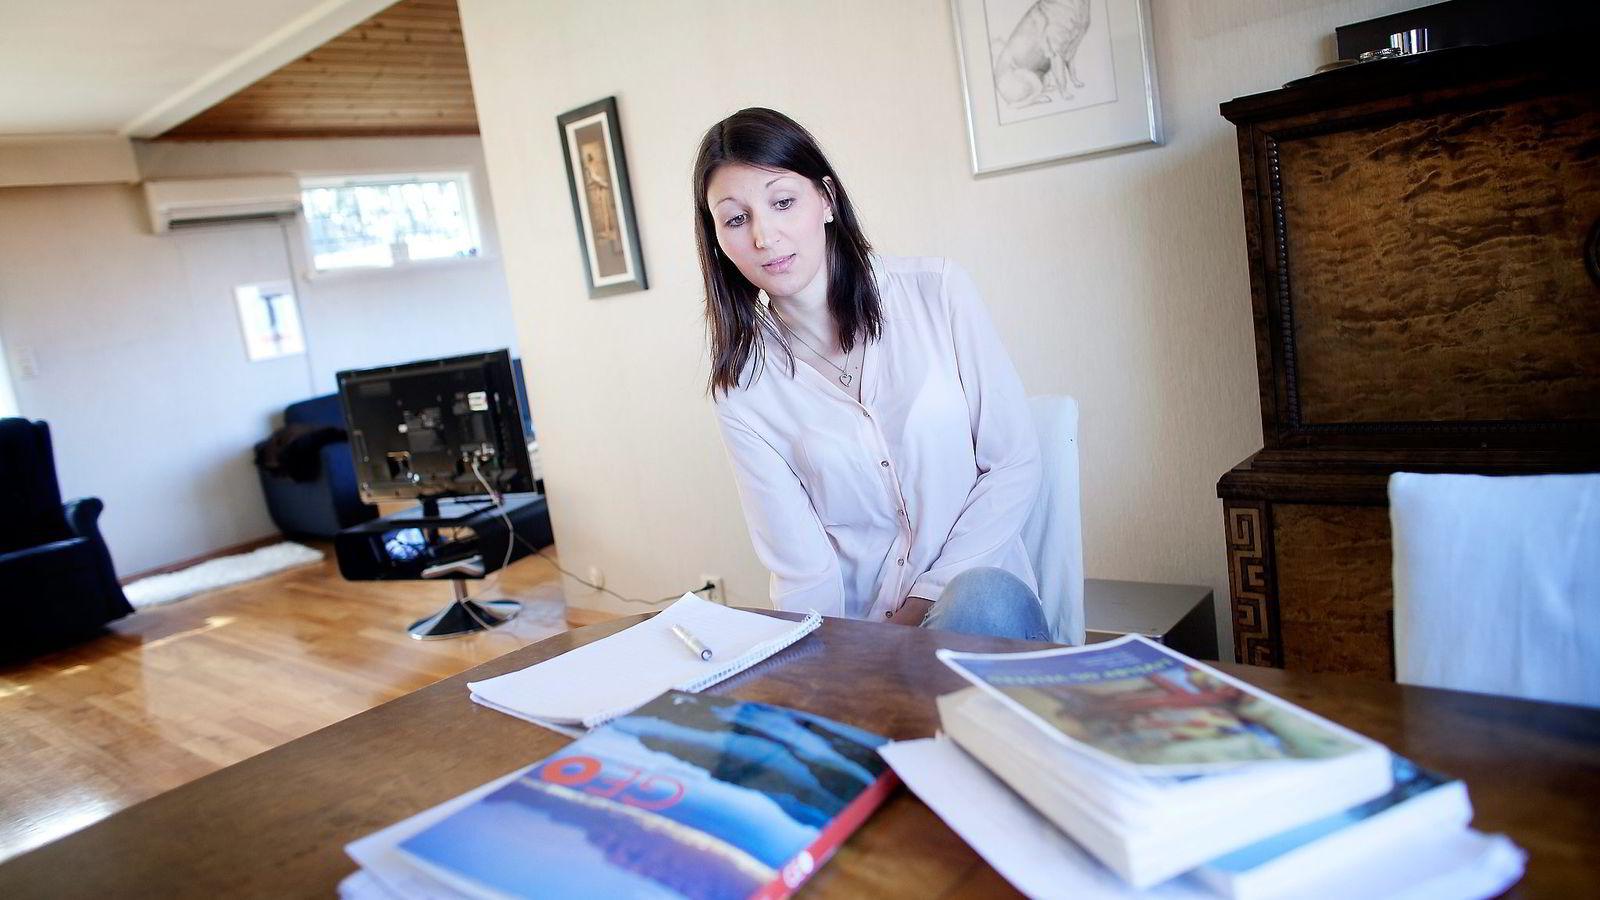 Hedda Zwerg Fylling begynte på jusstudiet ved Universitetet i Stavanger og trodde overgangen til masterstudier i Bergen ville bli enkel. Det ble den ikke.